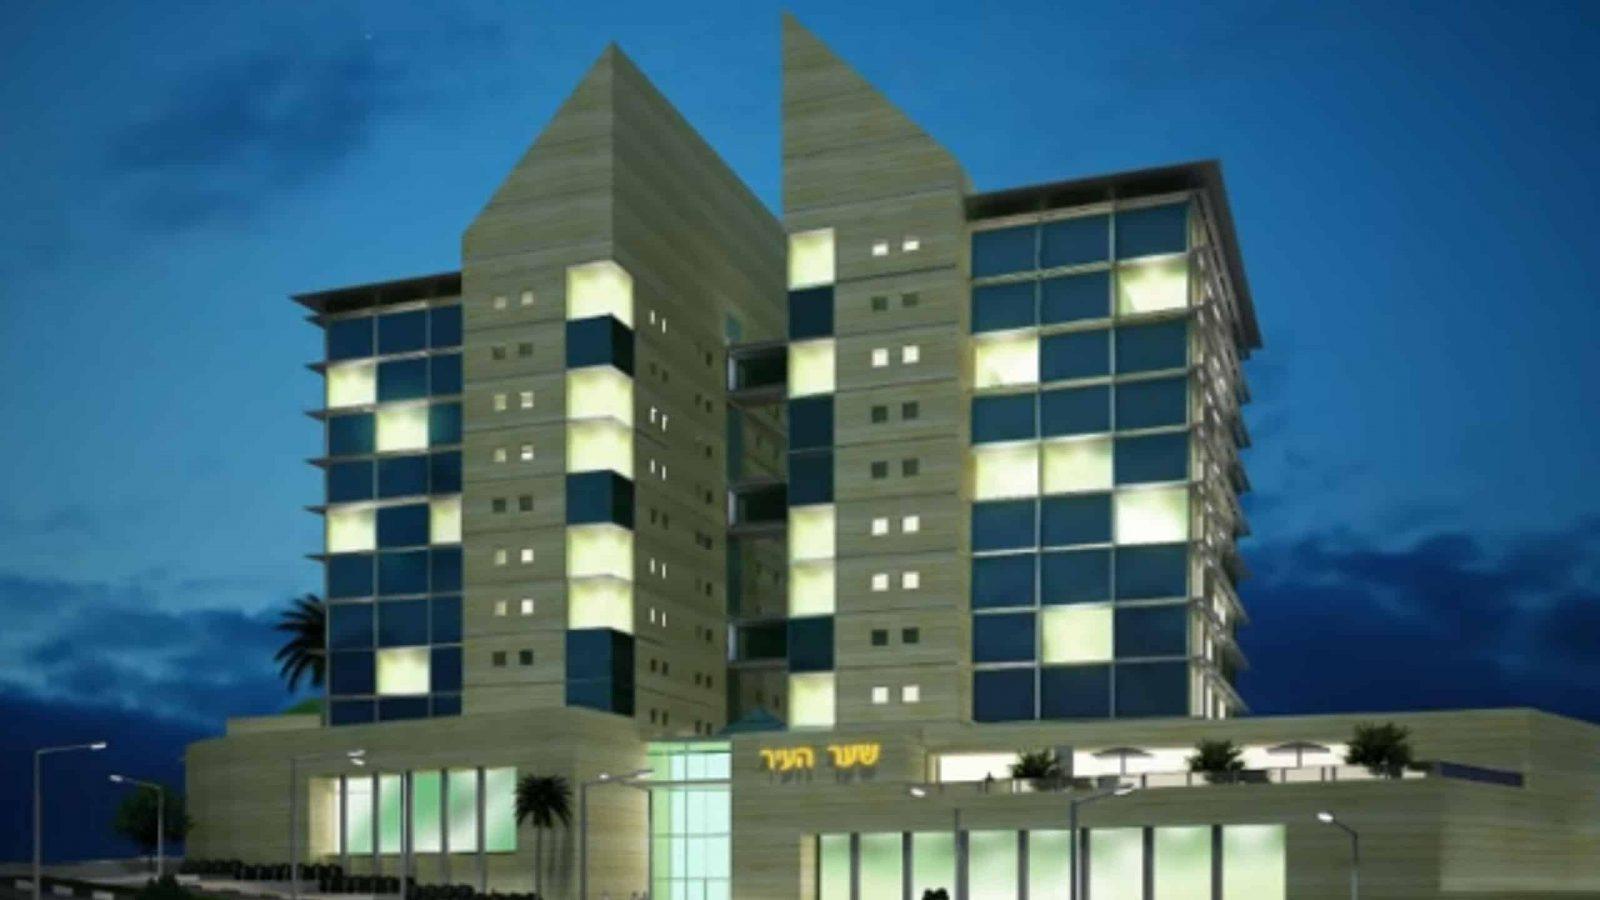 הדמיות אדריכליות פרוייקט שער העיר